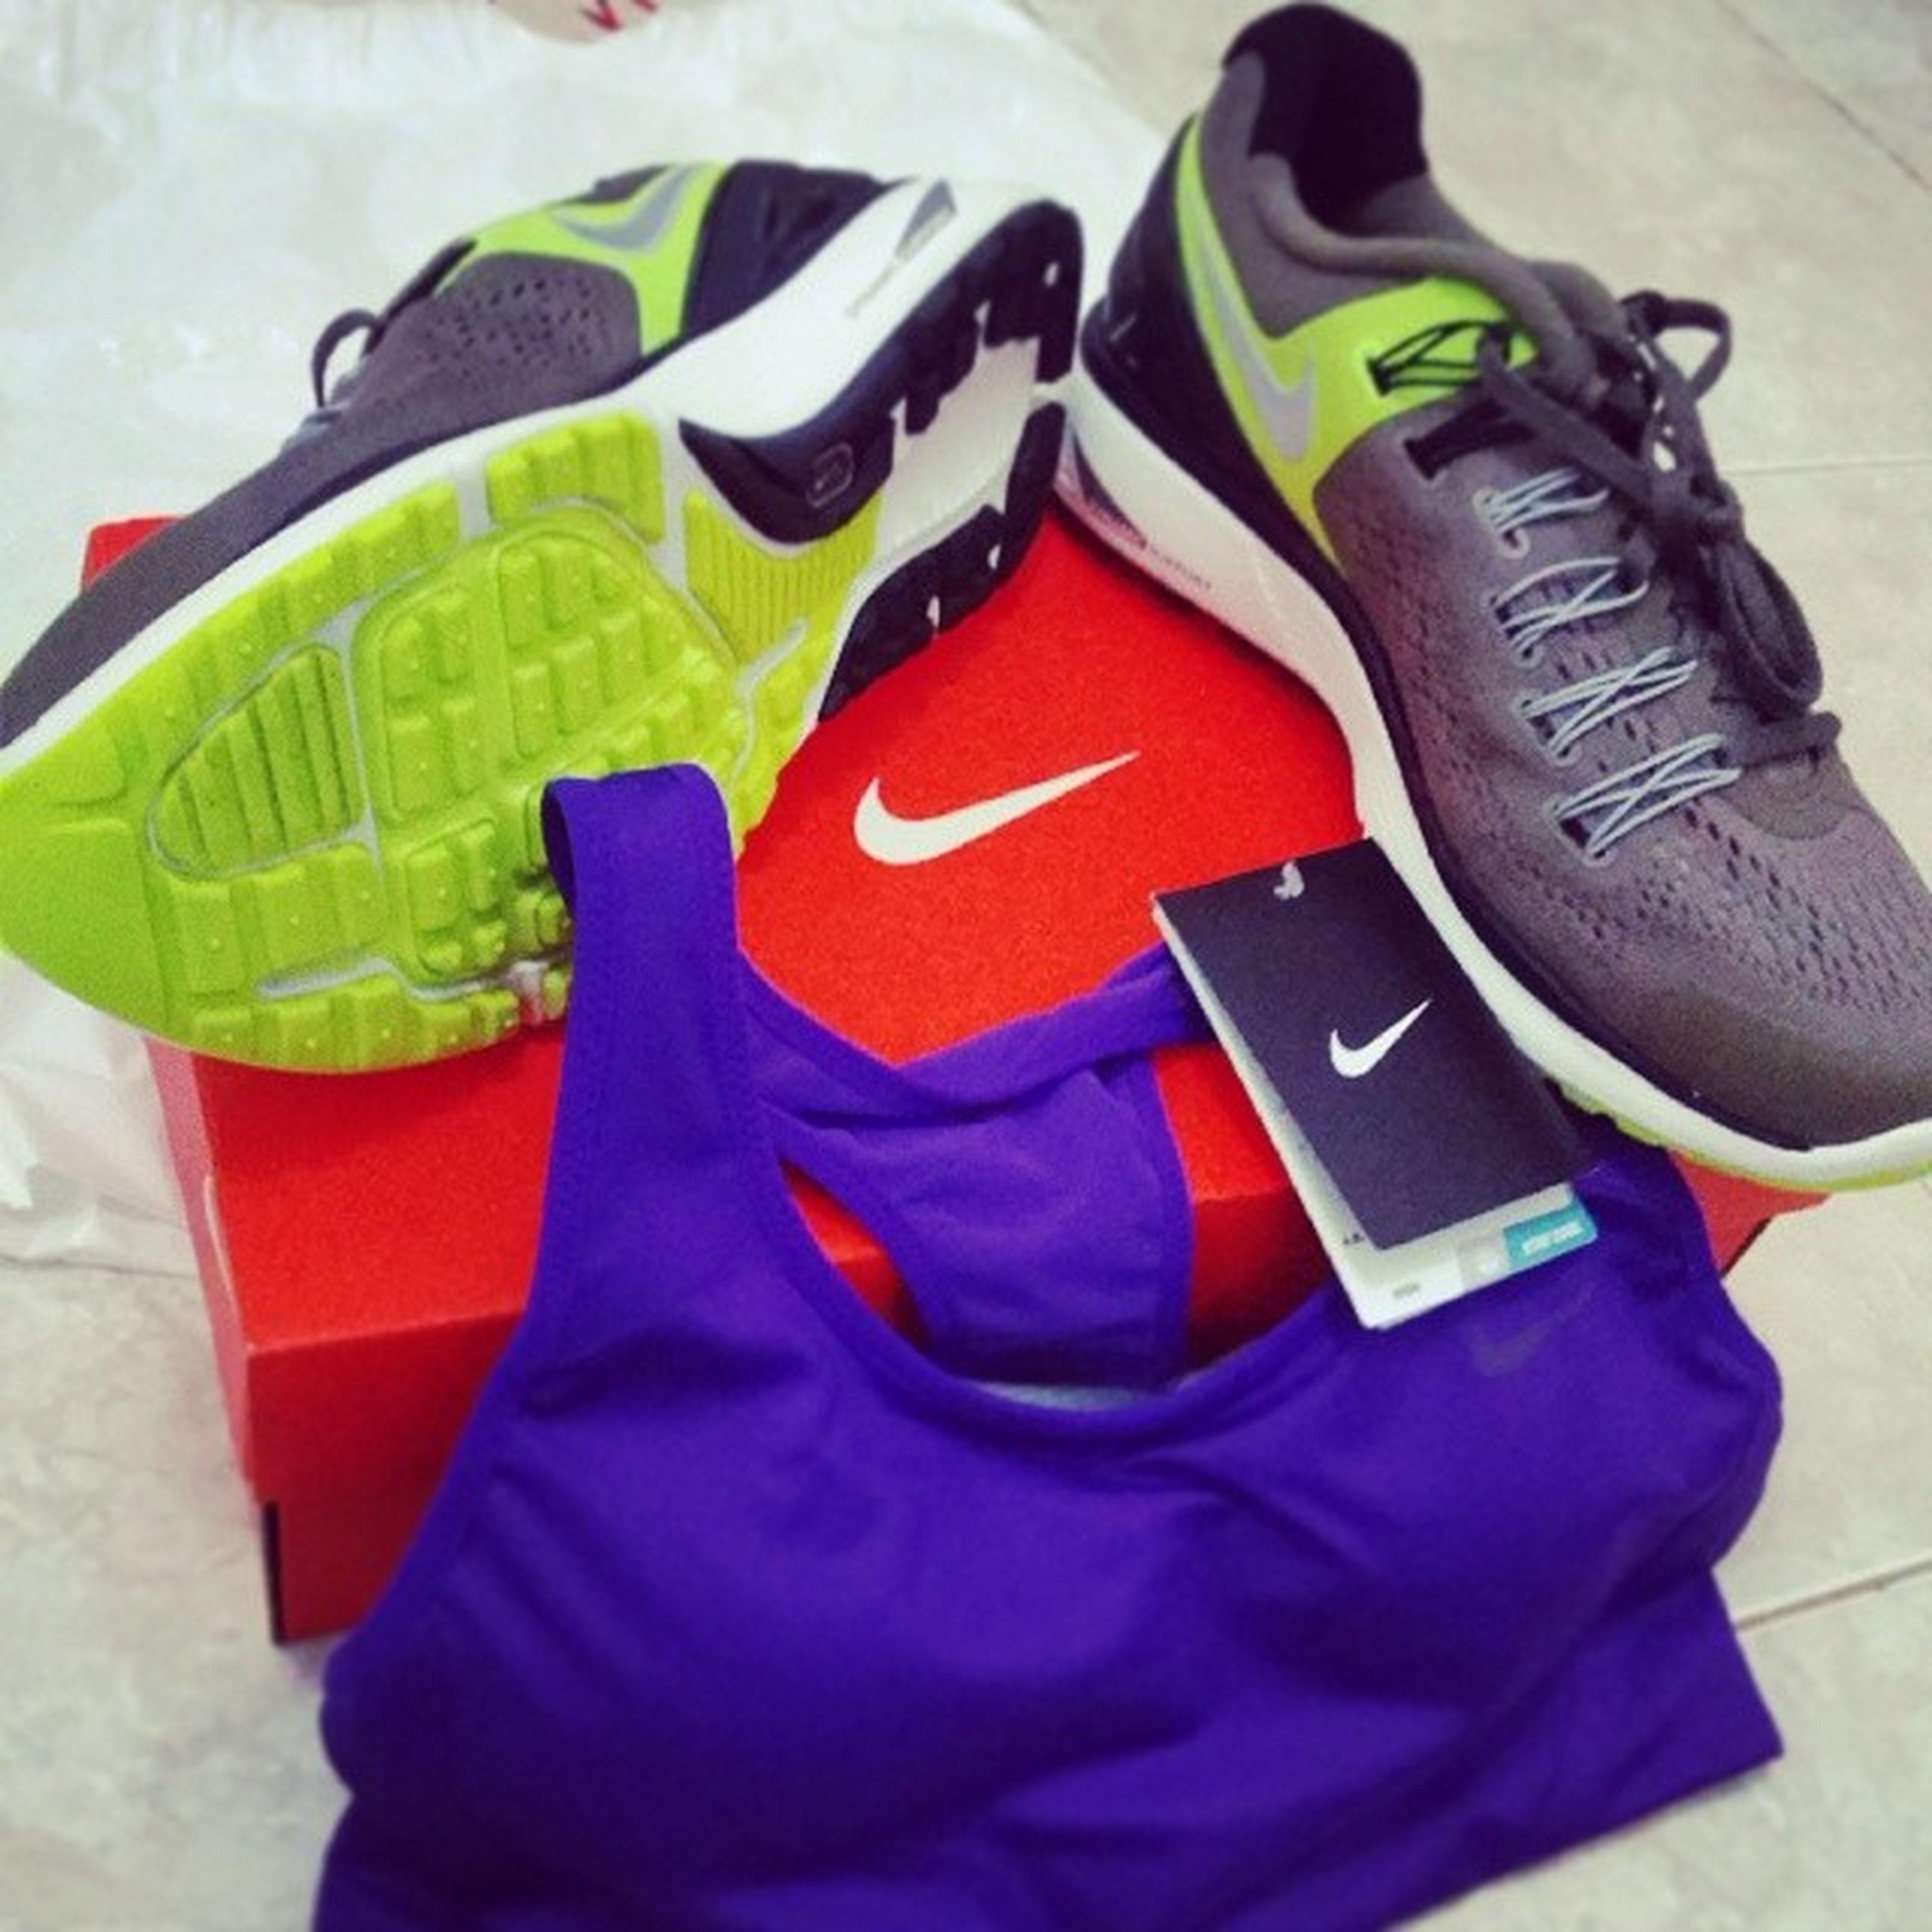 My new Runninggears :D Nike Dynamicsupport Lunarlon lunareclipse3 fitsole4 highsupport drifit